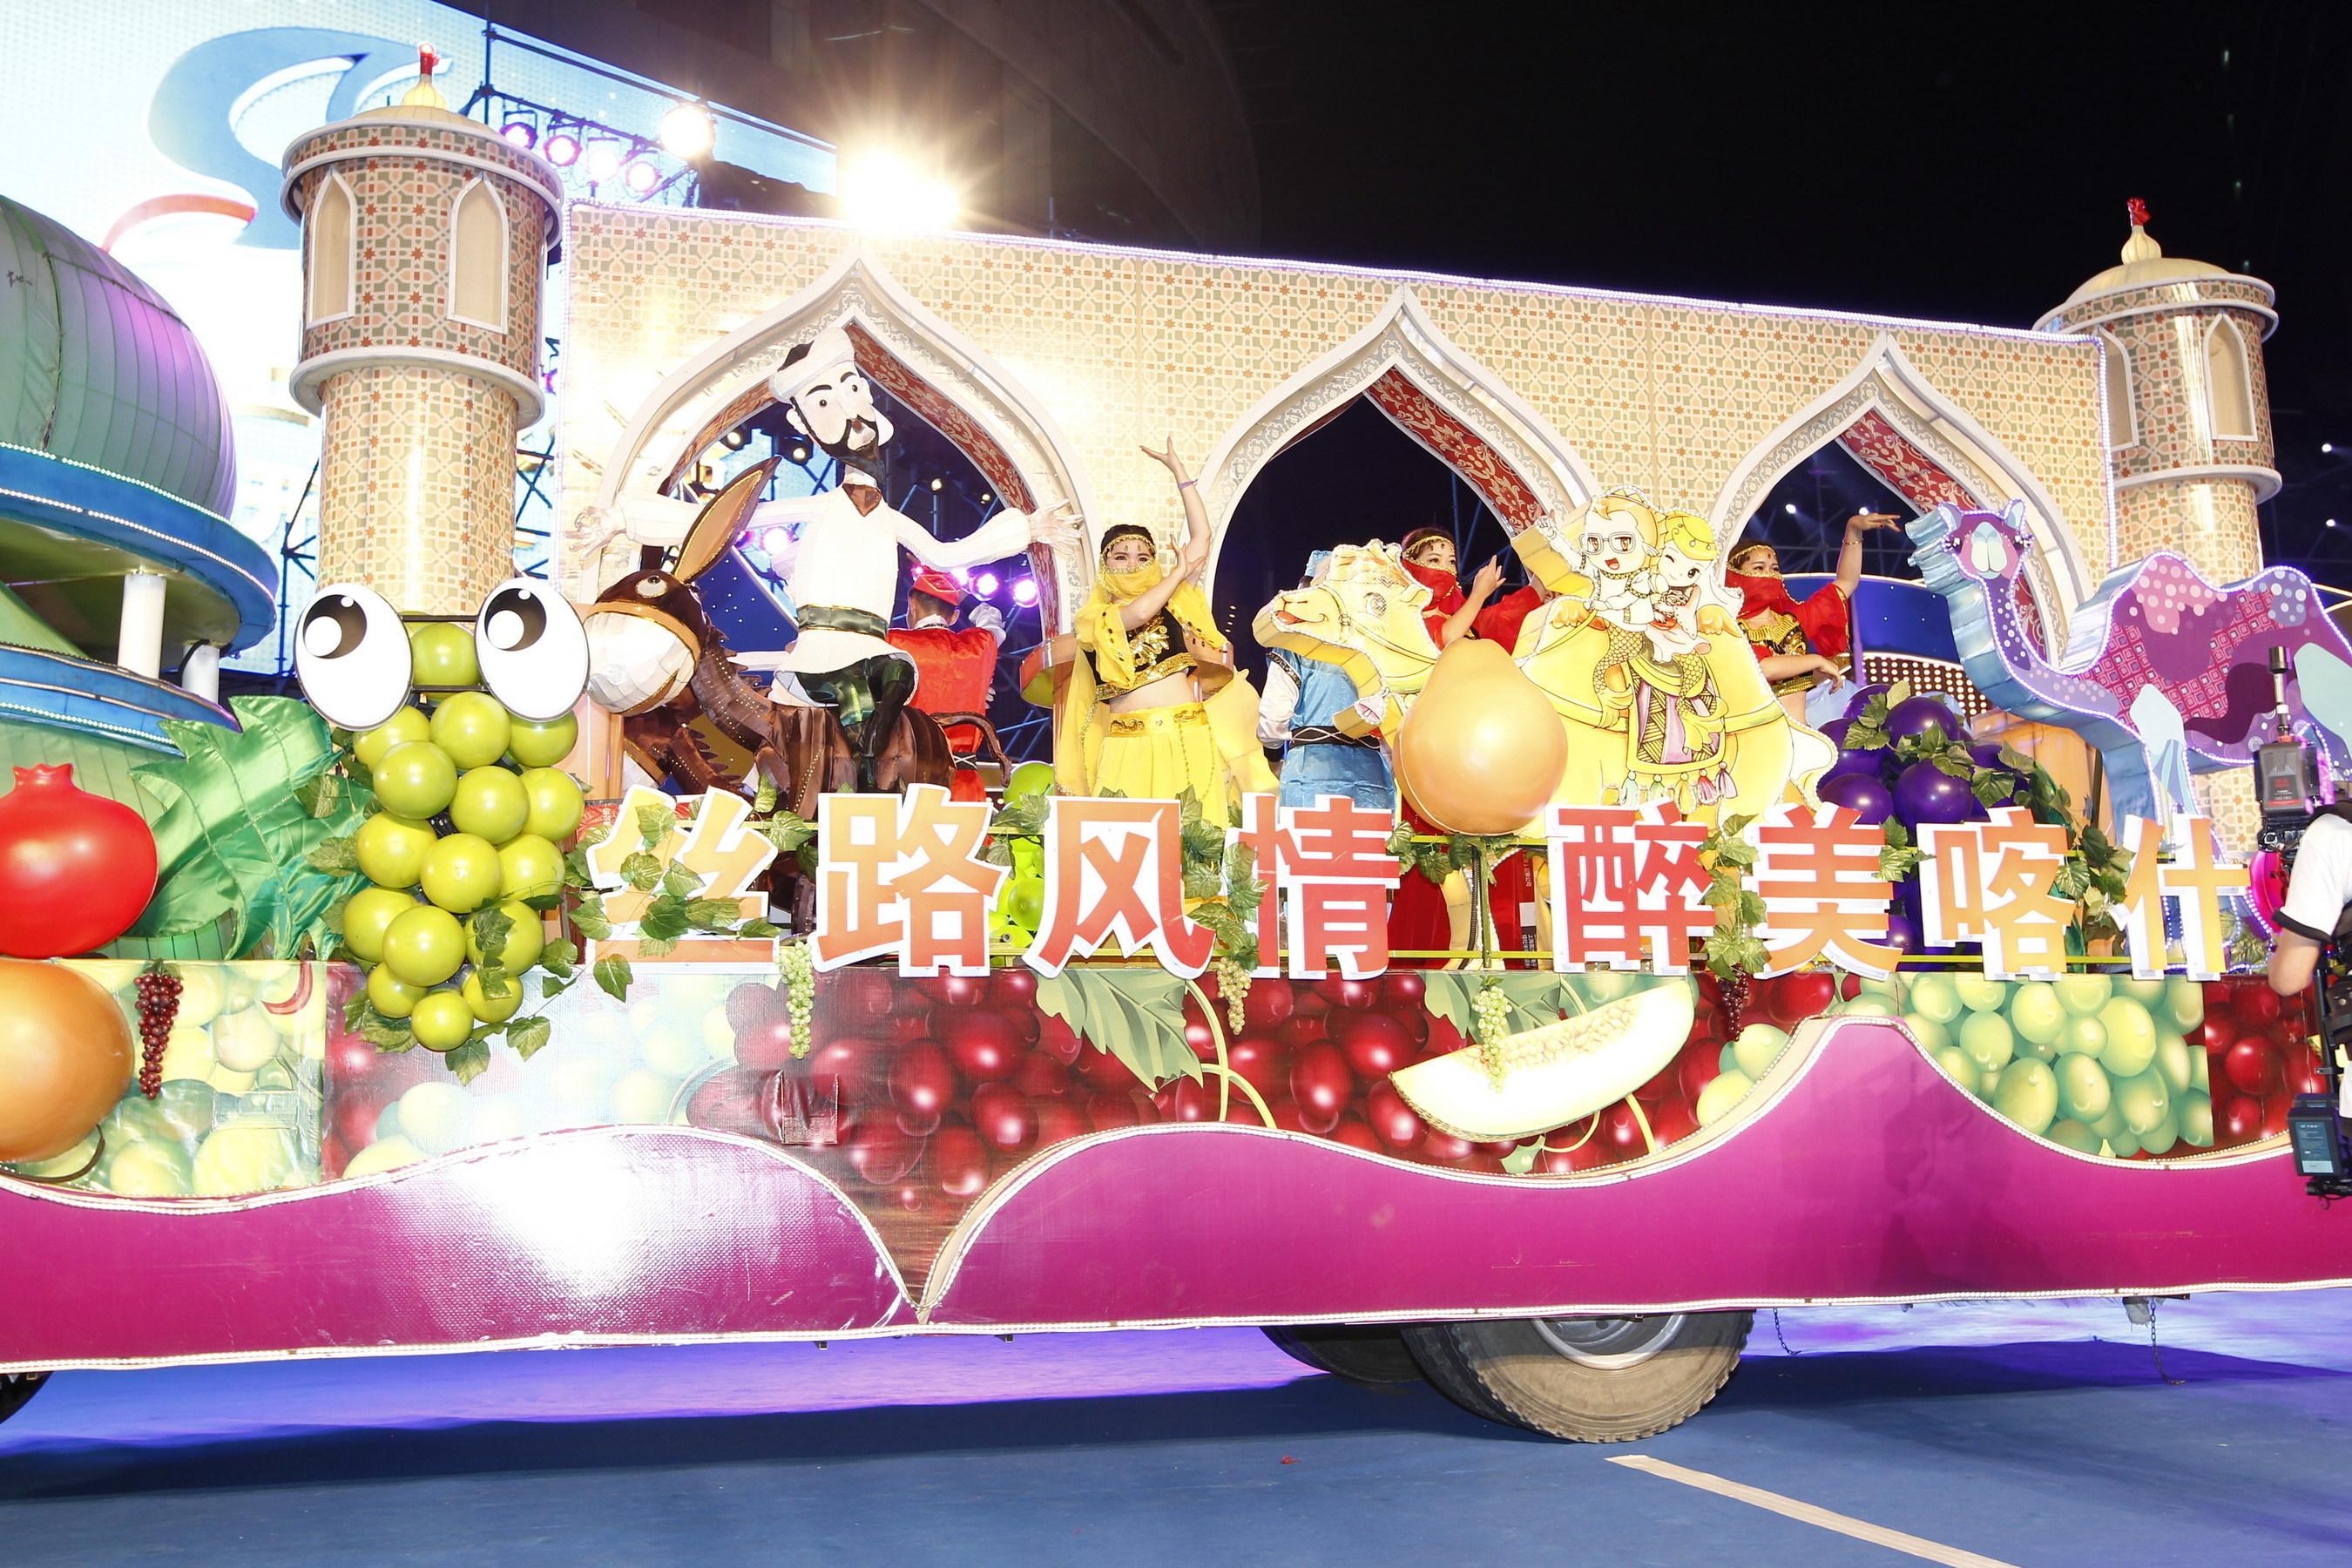 Schanghai Tourismusfest 2015: Internationale Vielfalt entlang der maritimen Seidenstraße